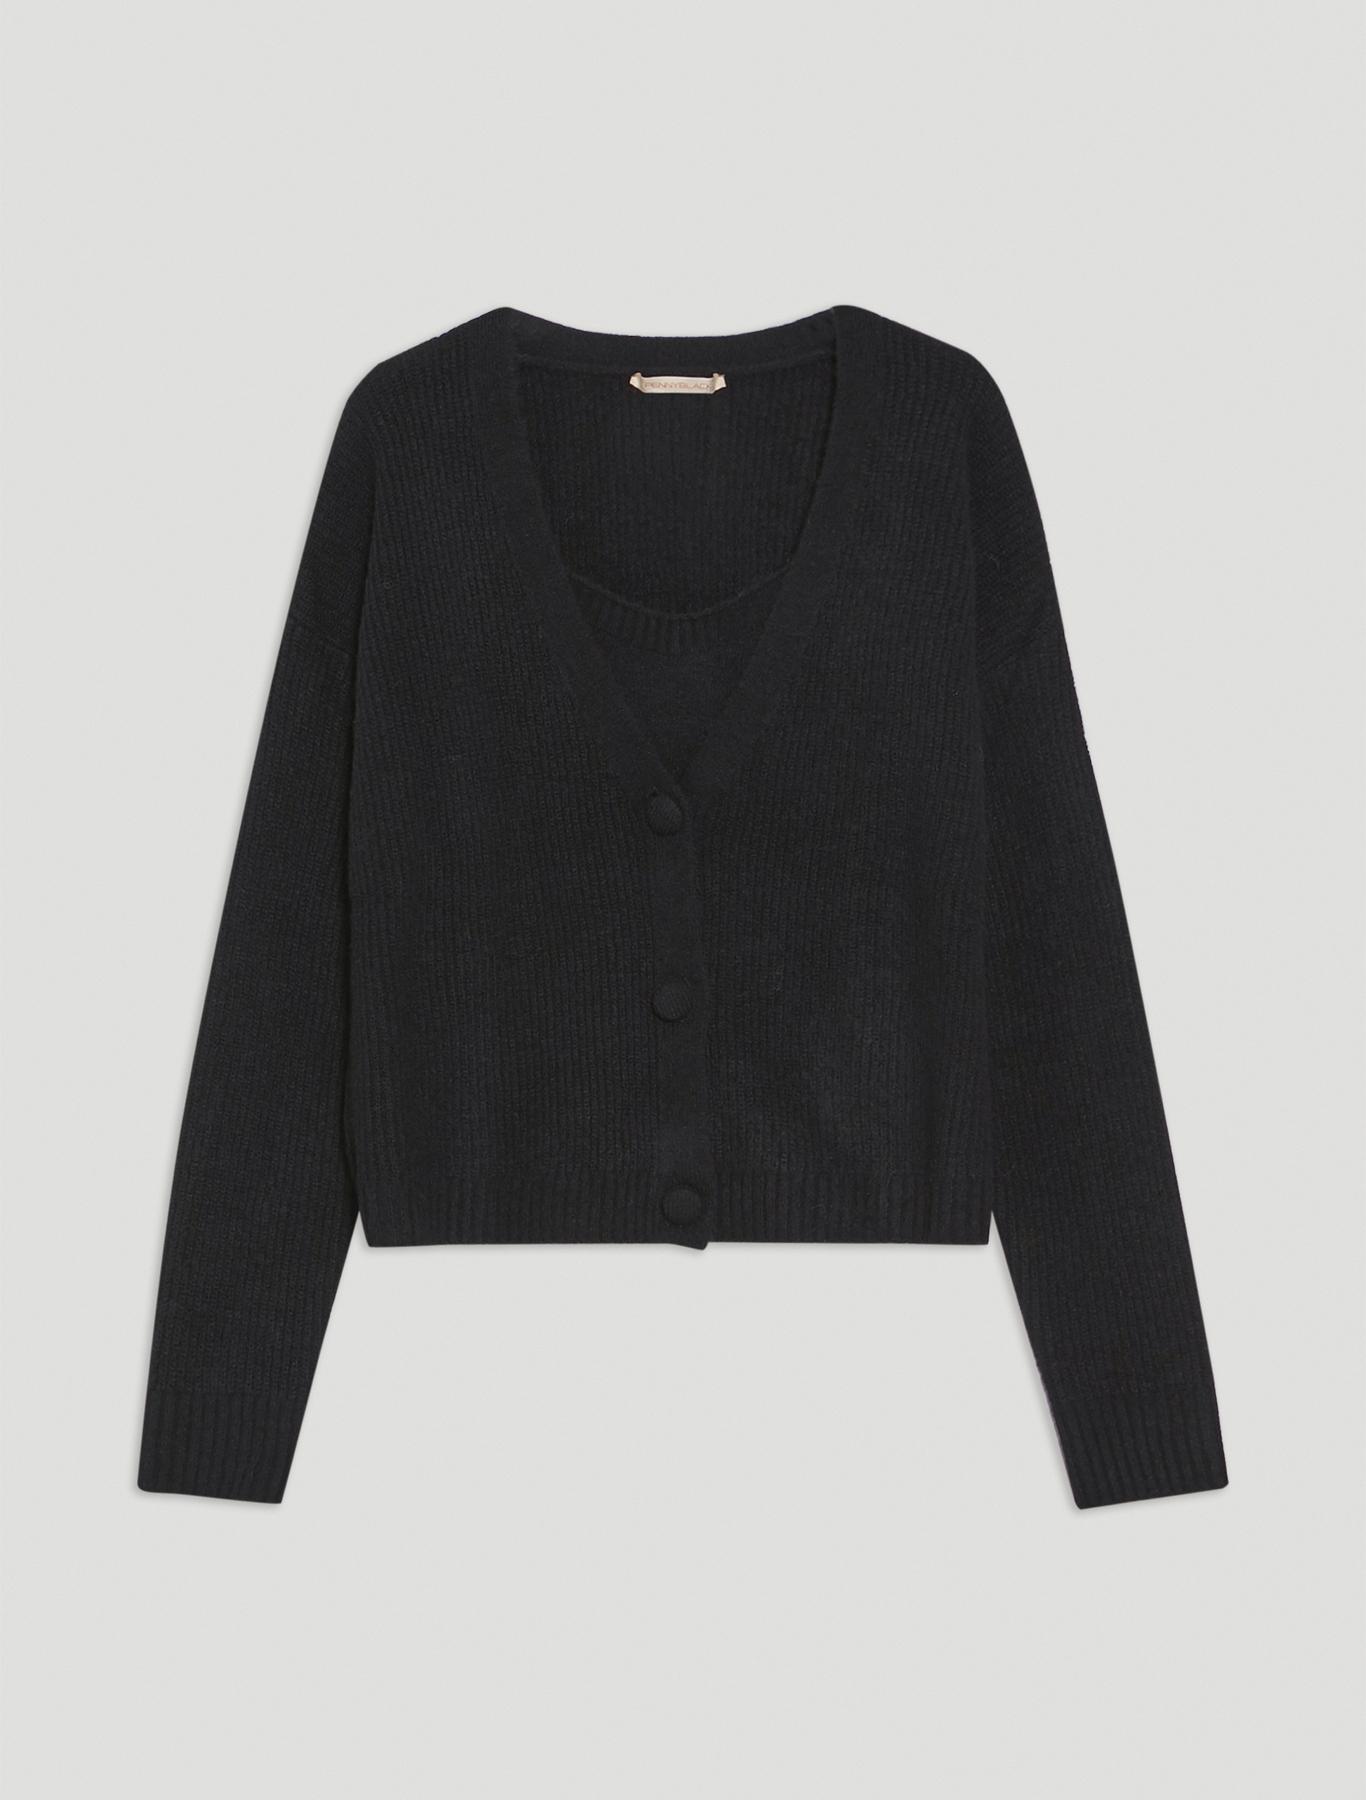 Twin set in wool blend - black - pennyblack